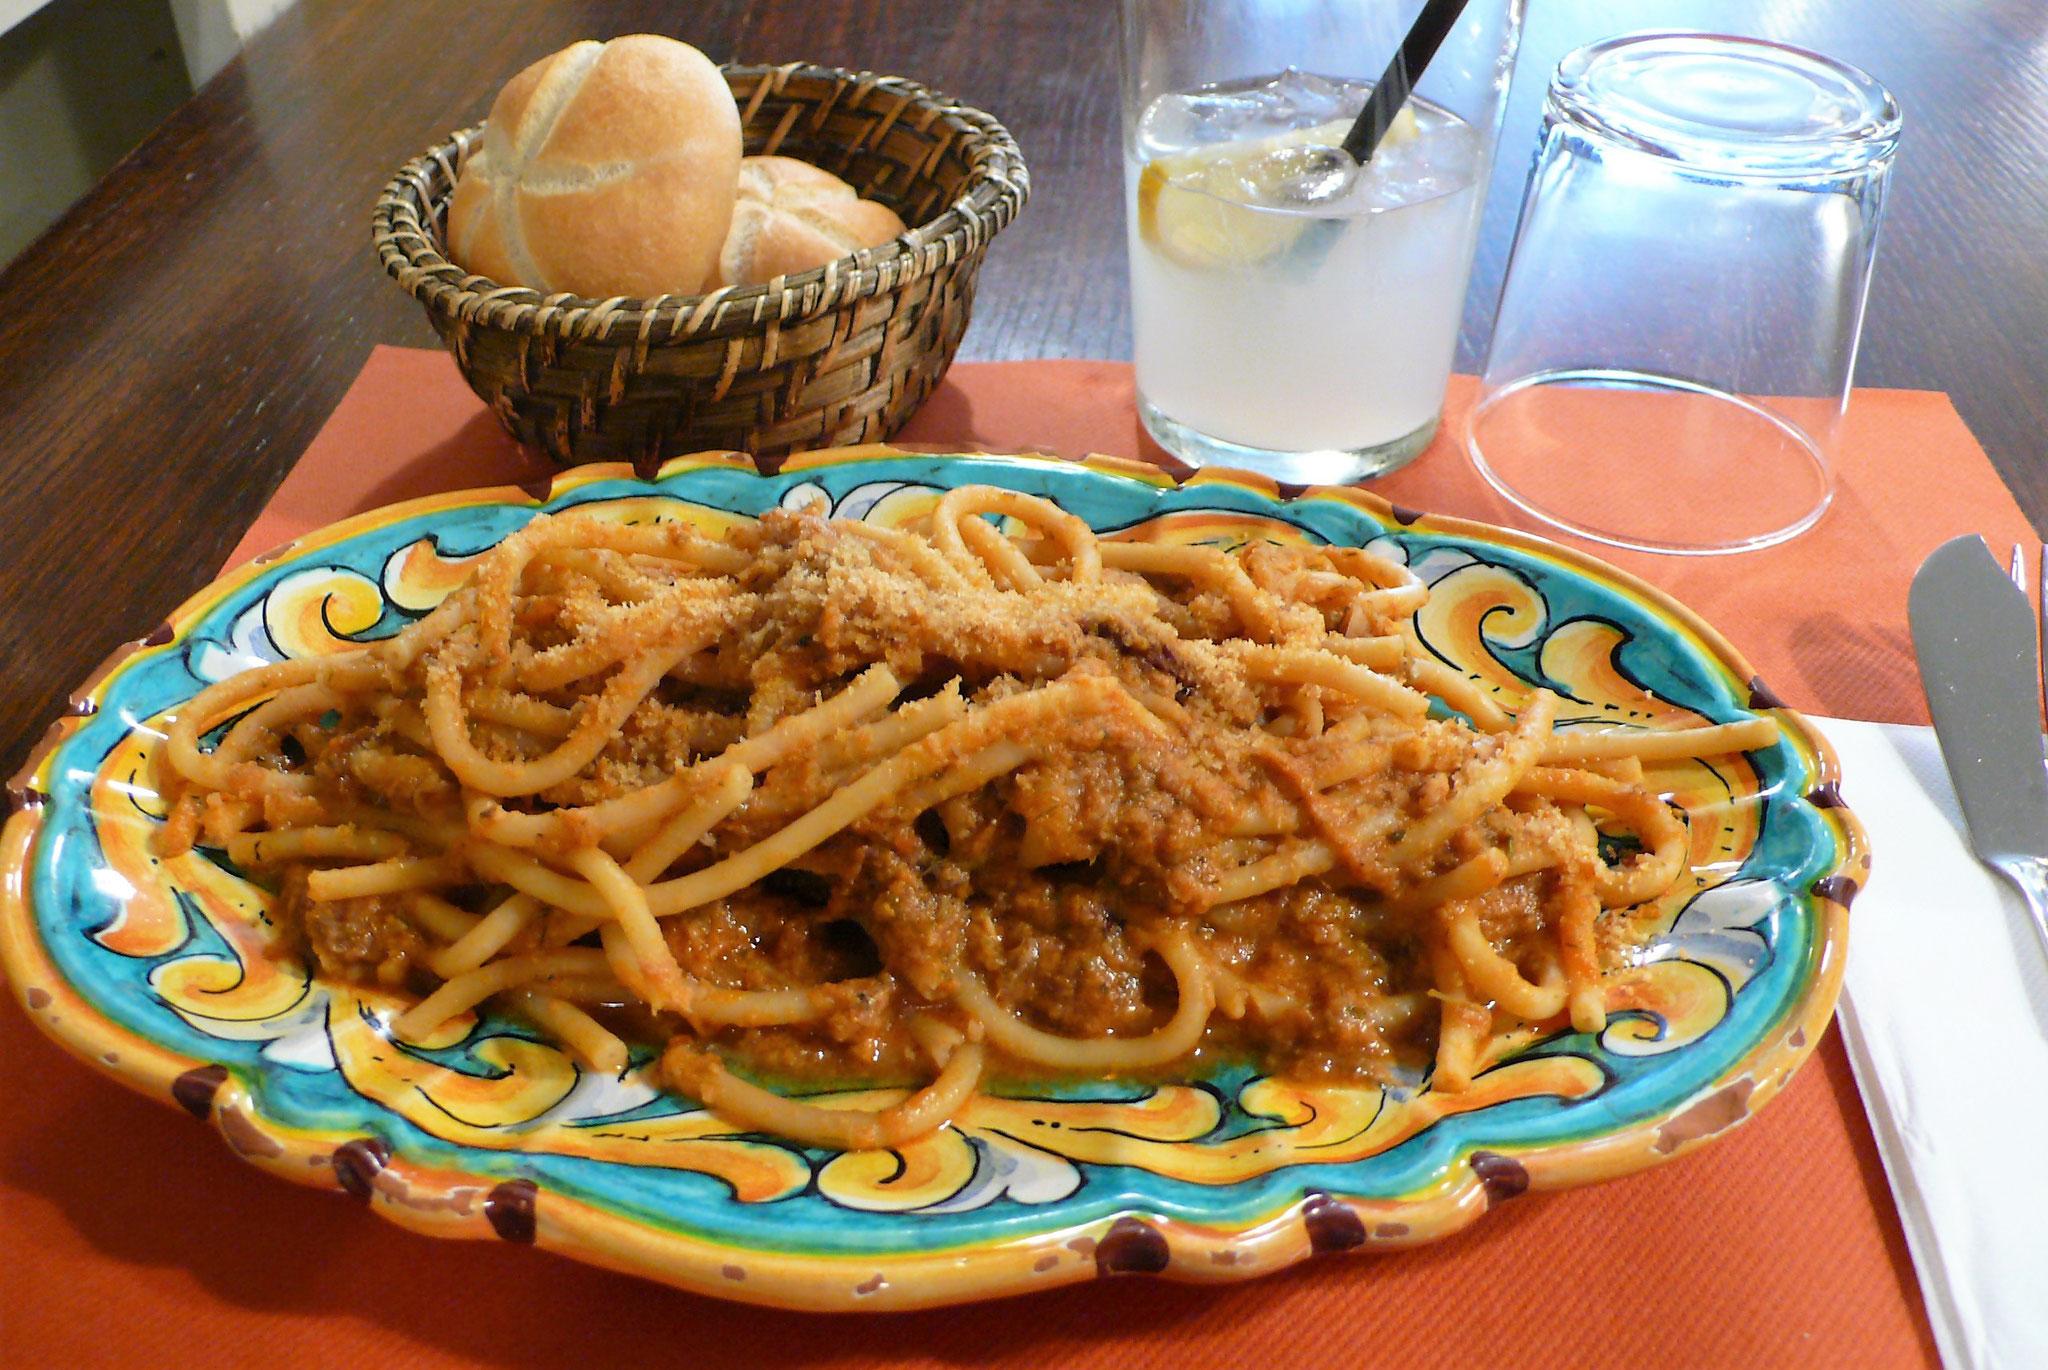 滞在したホテル近くのシチリア料理店にて イワシのソースのブカティーニ